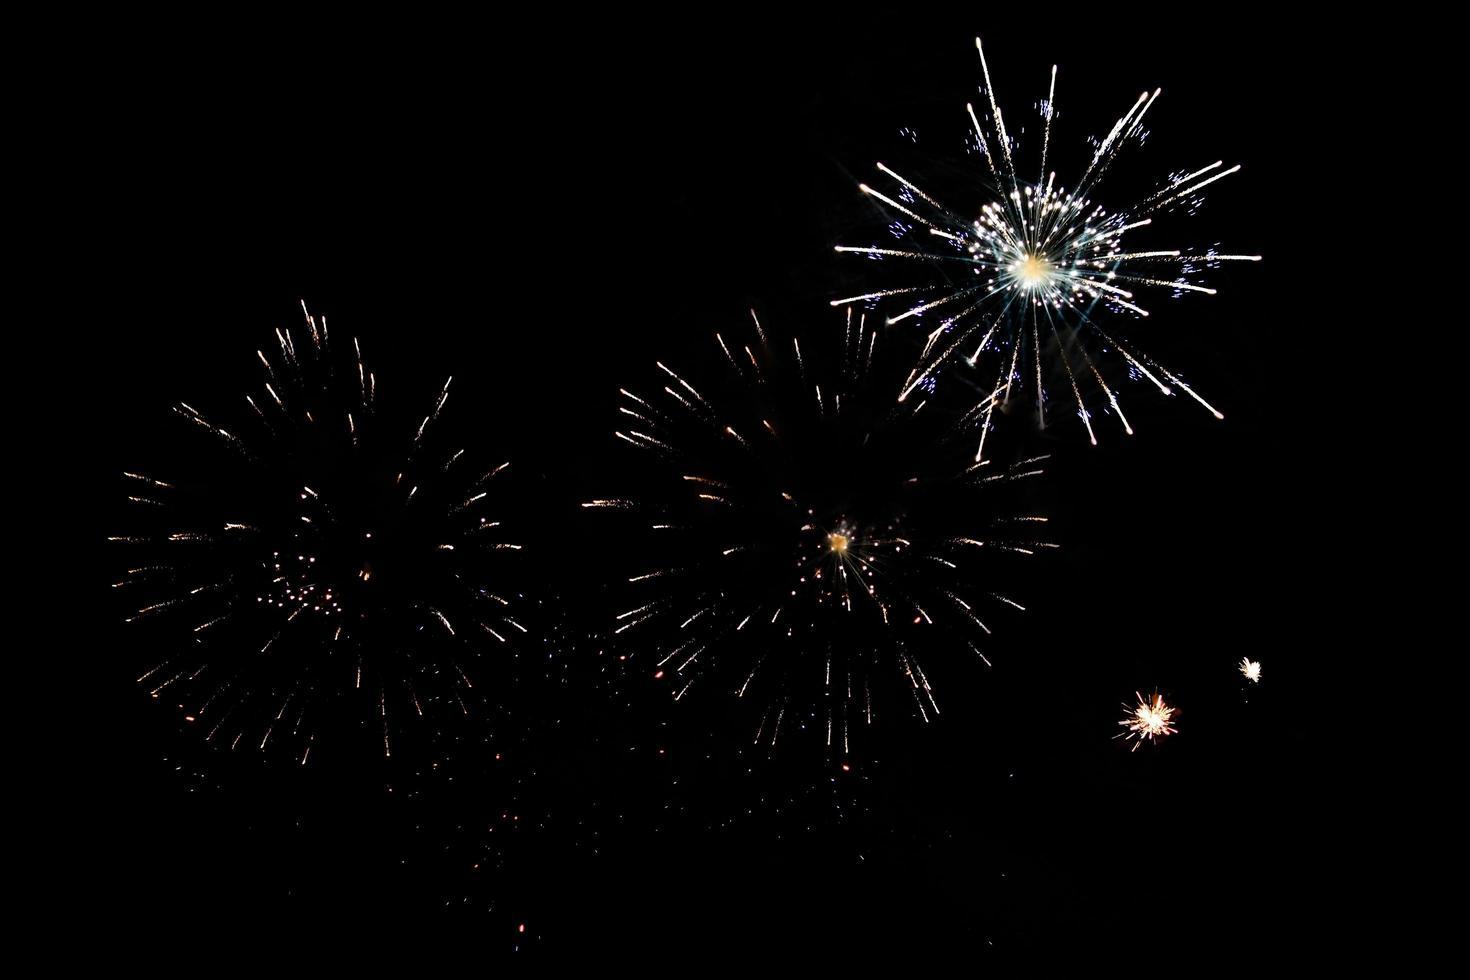 los fuegos artificiales iluminan la celebración del cielo foto